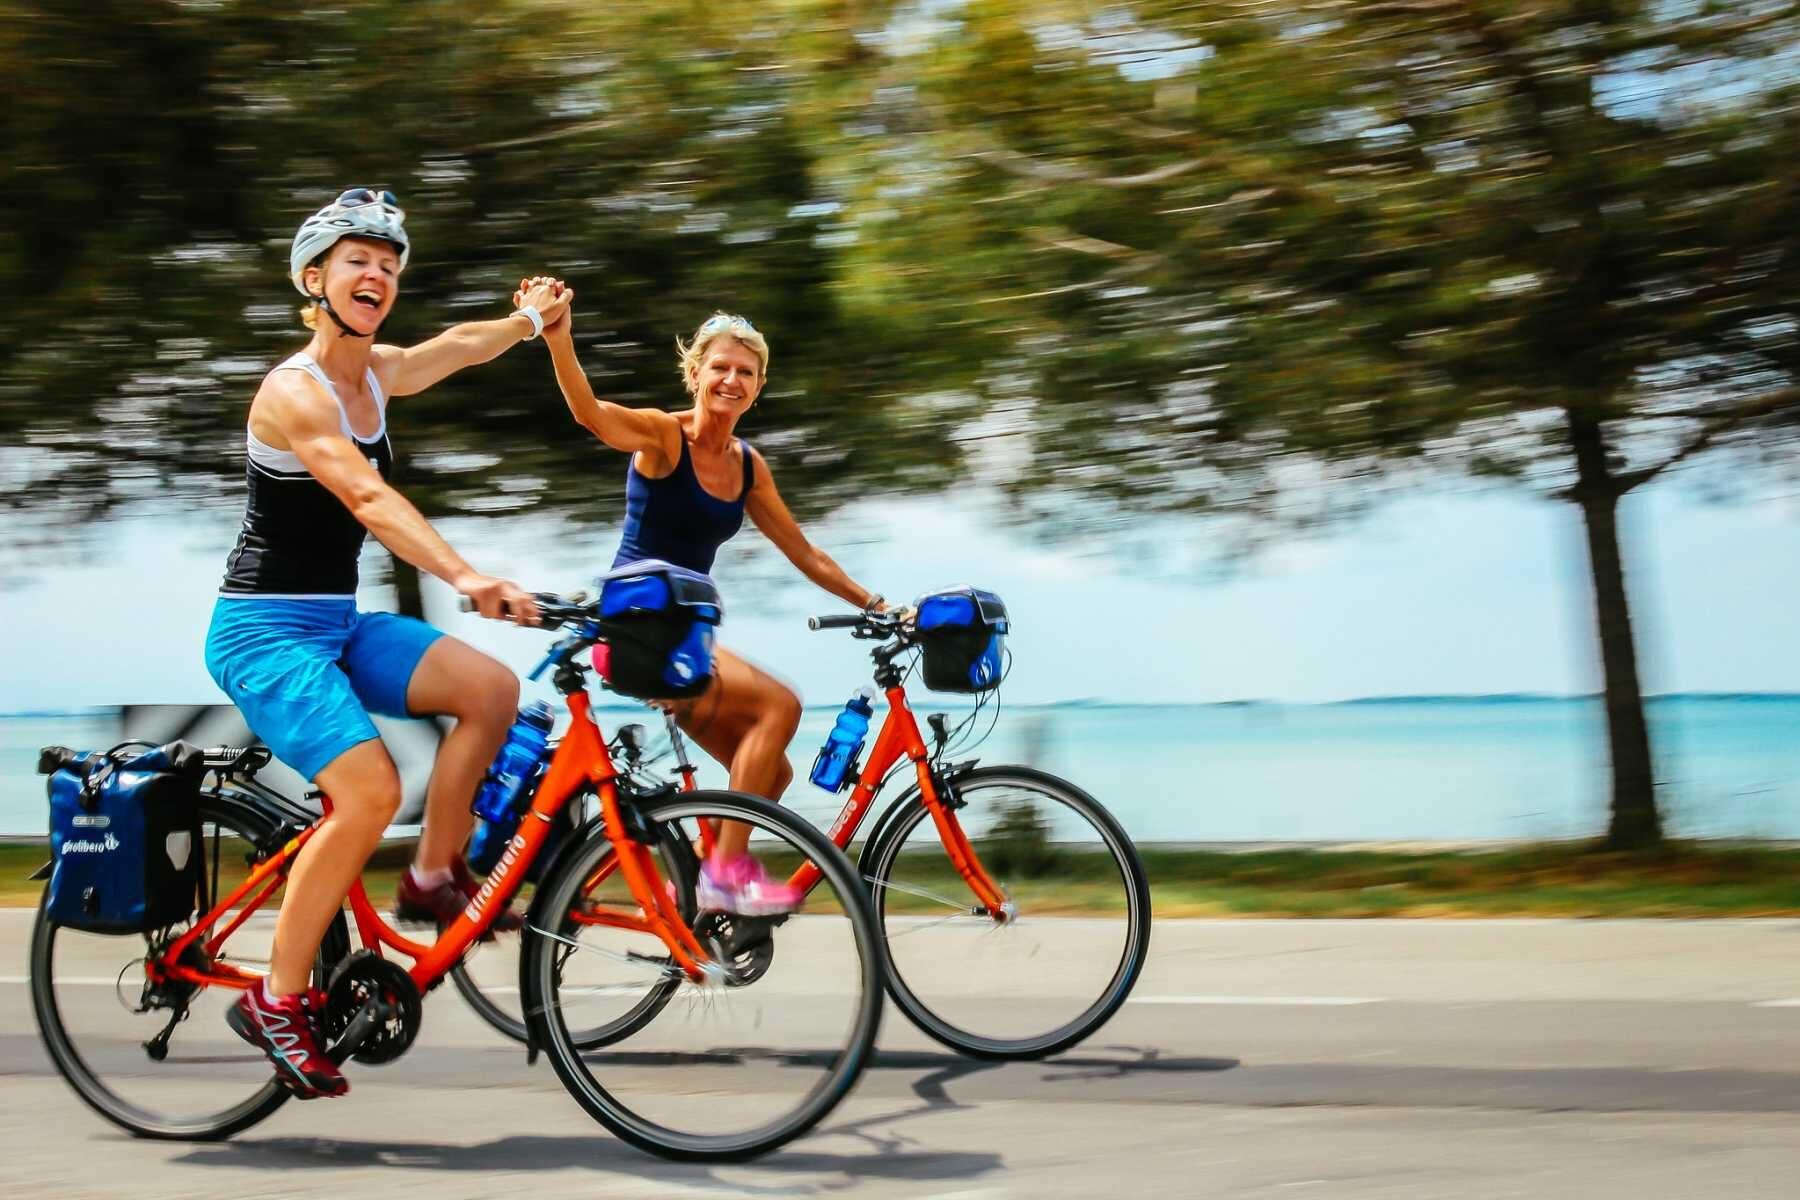 Naiset oransseilla pyörillään ajavat iloisesti vilkuttaen